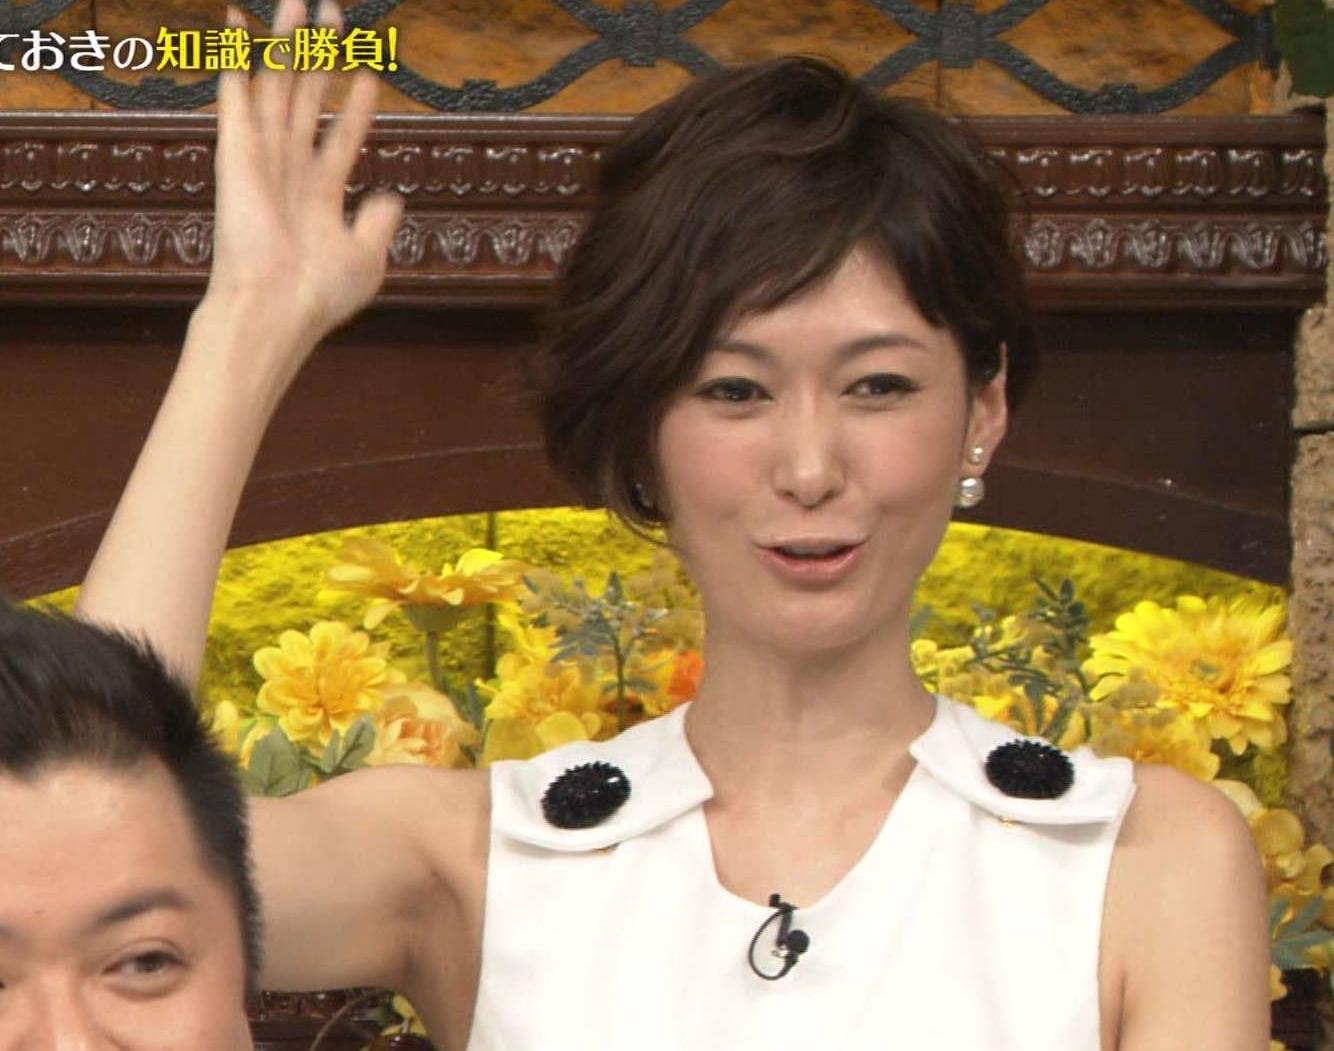 田丸麻紀 ノースリーブで腕を上げワキがみえるキャプ画像(エロ・アイコラ画像)